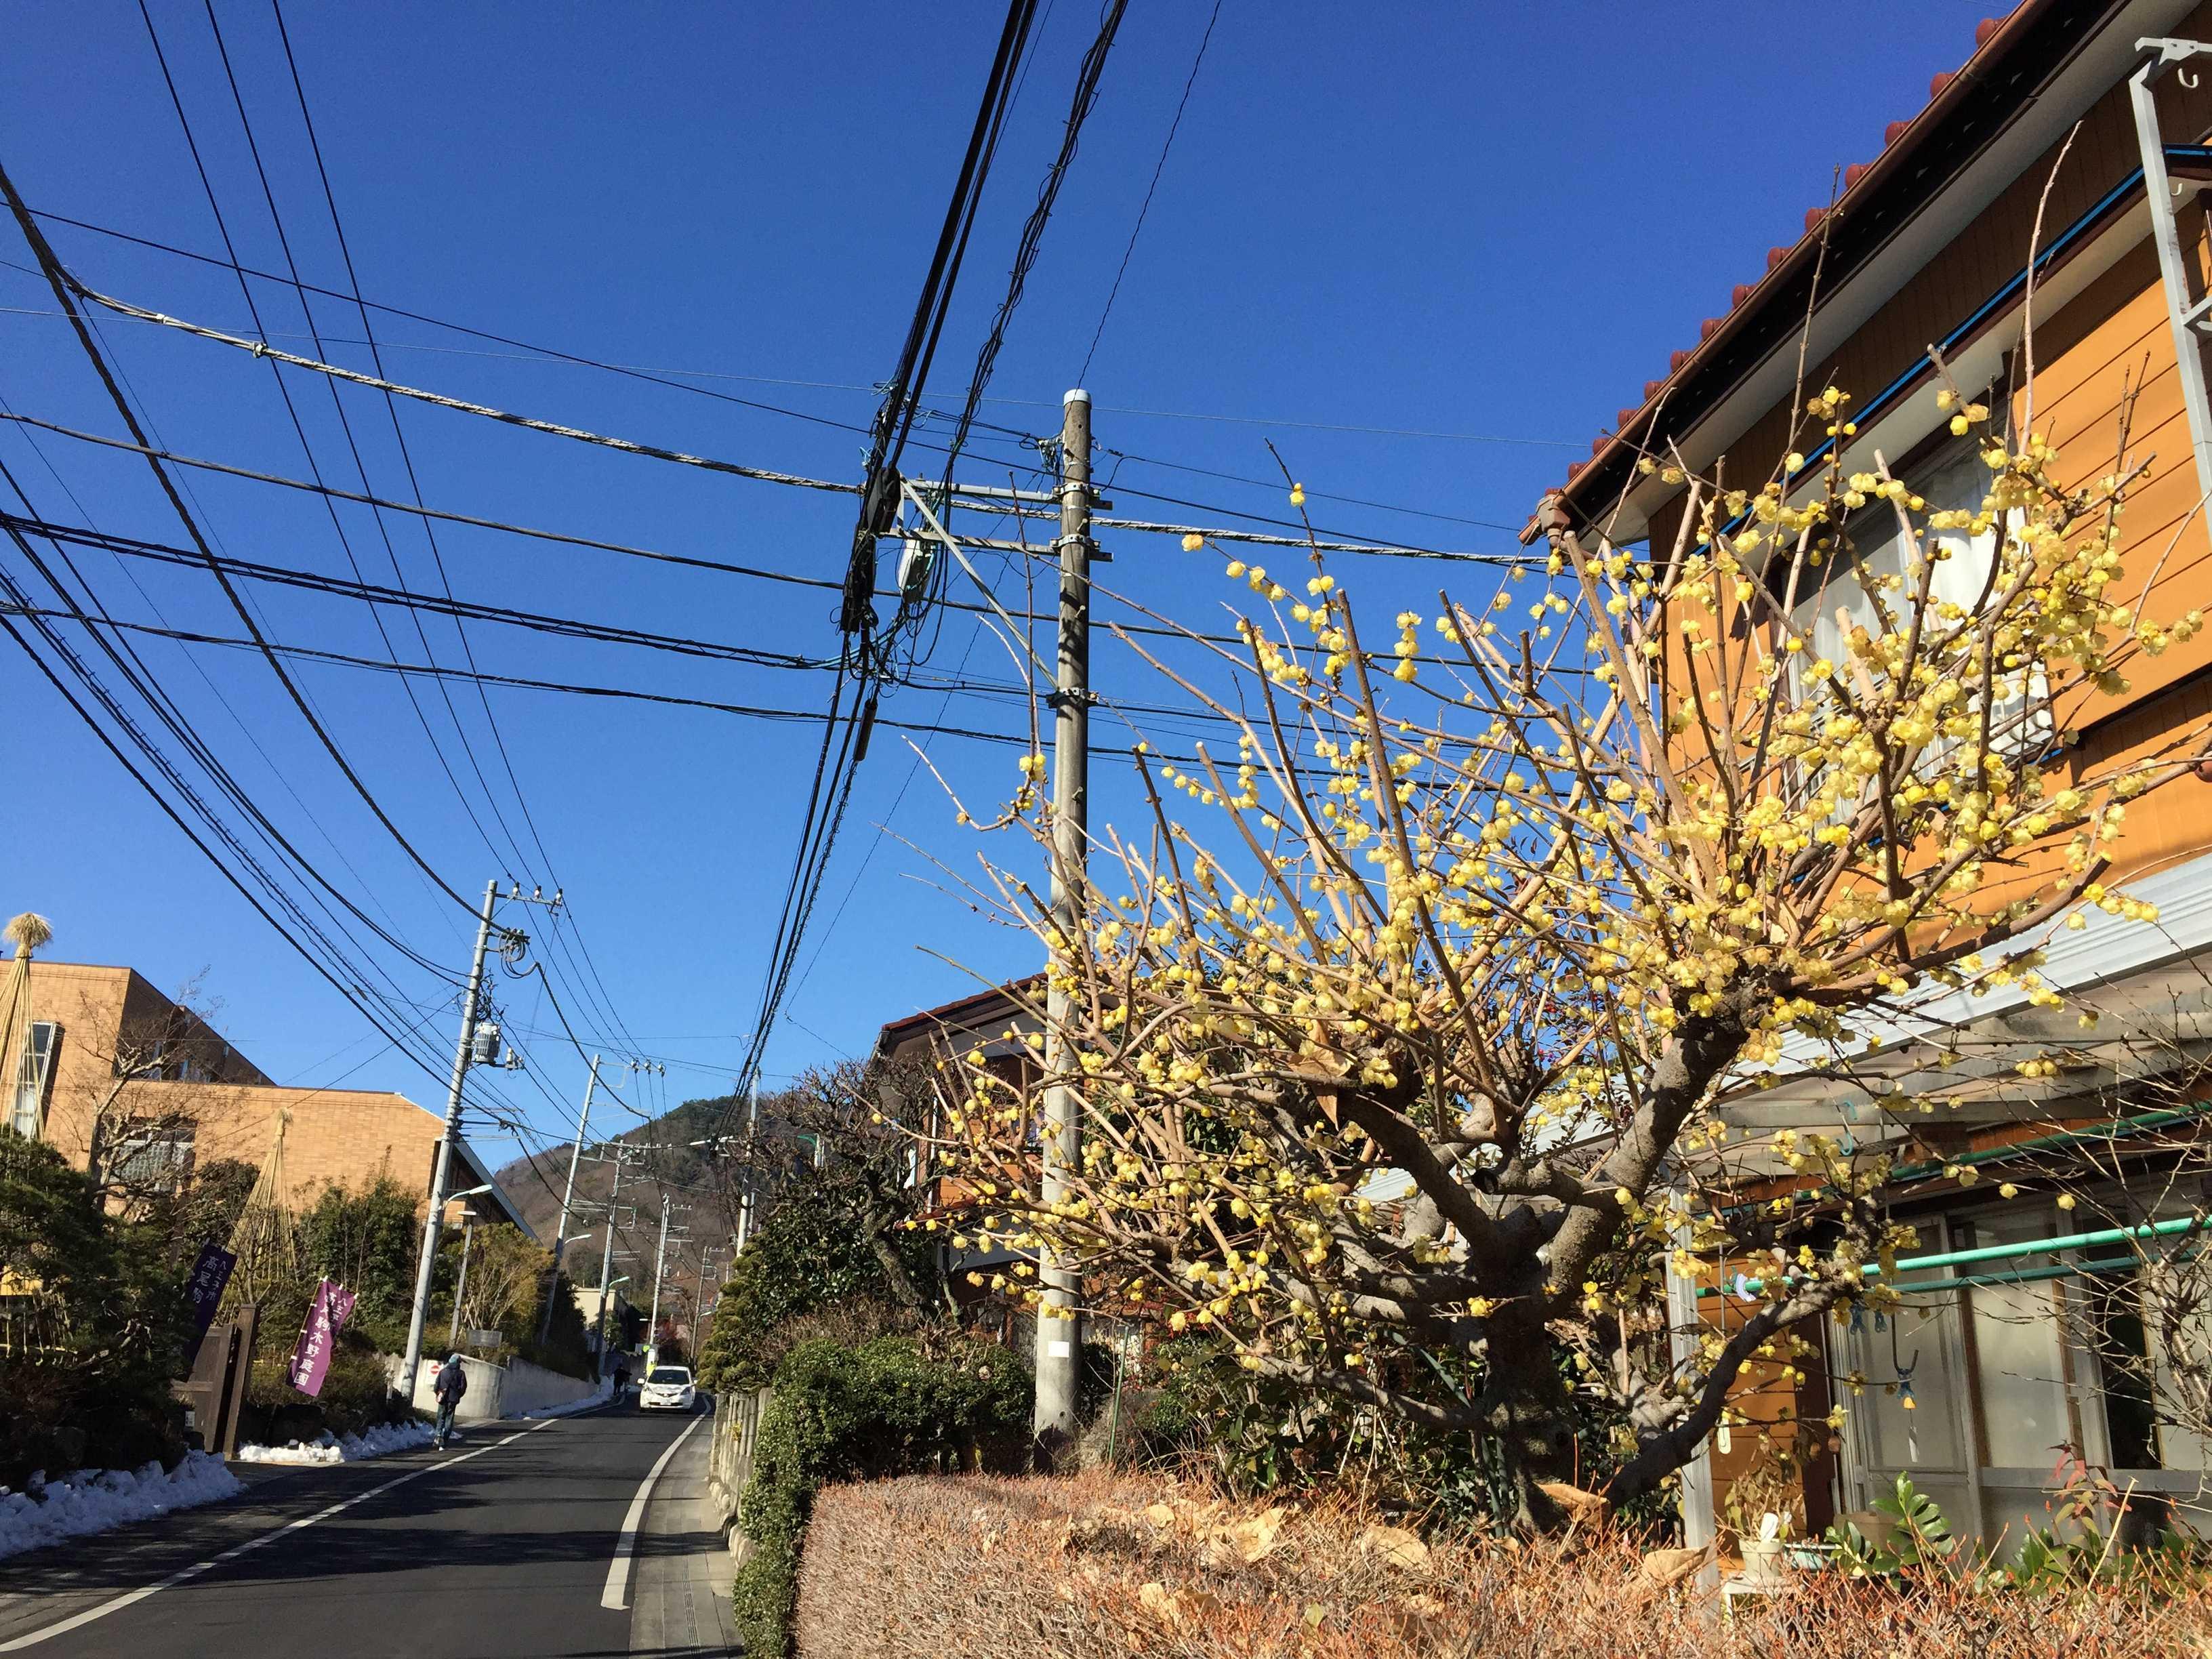 真っ青な空の下で咲く蝋梅(ロウバイ)